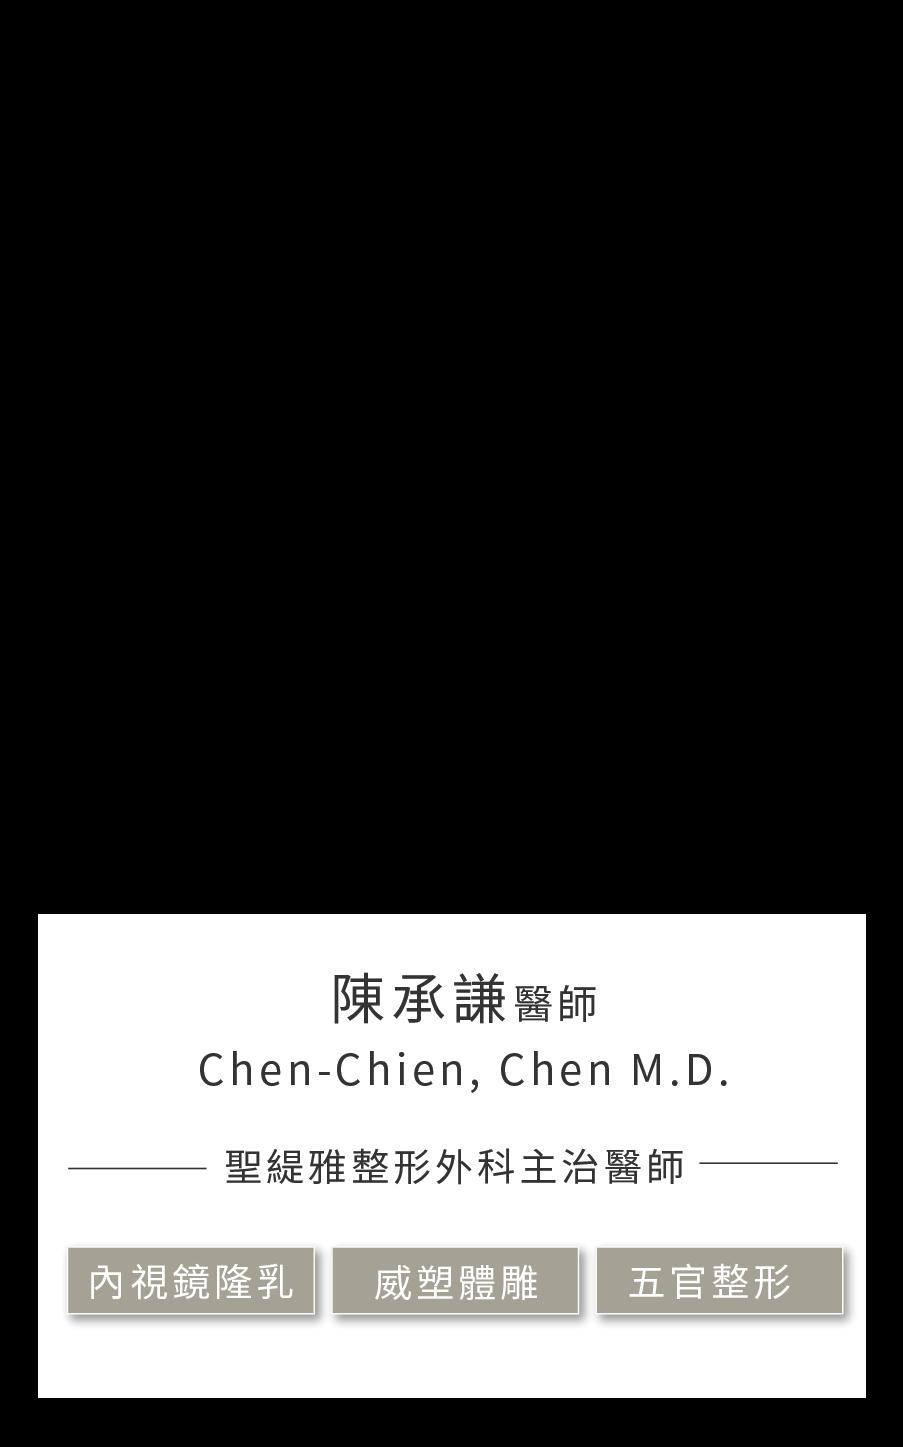 陳承謙-02